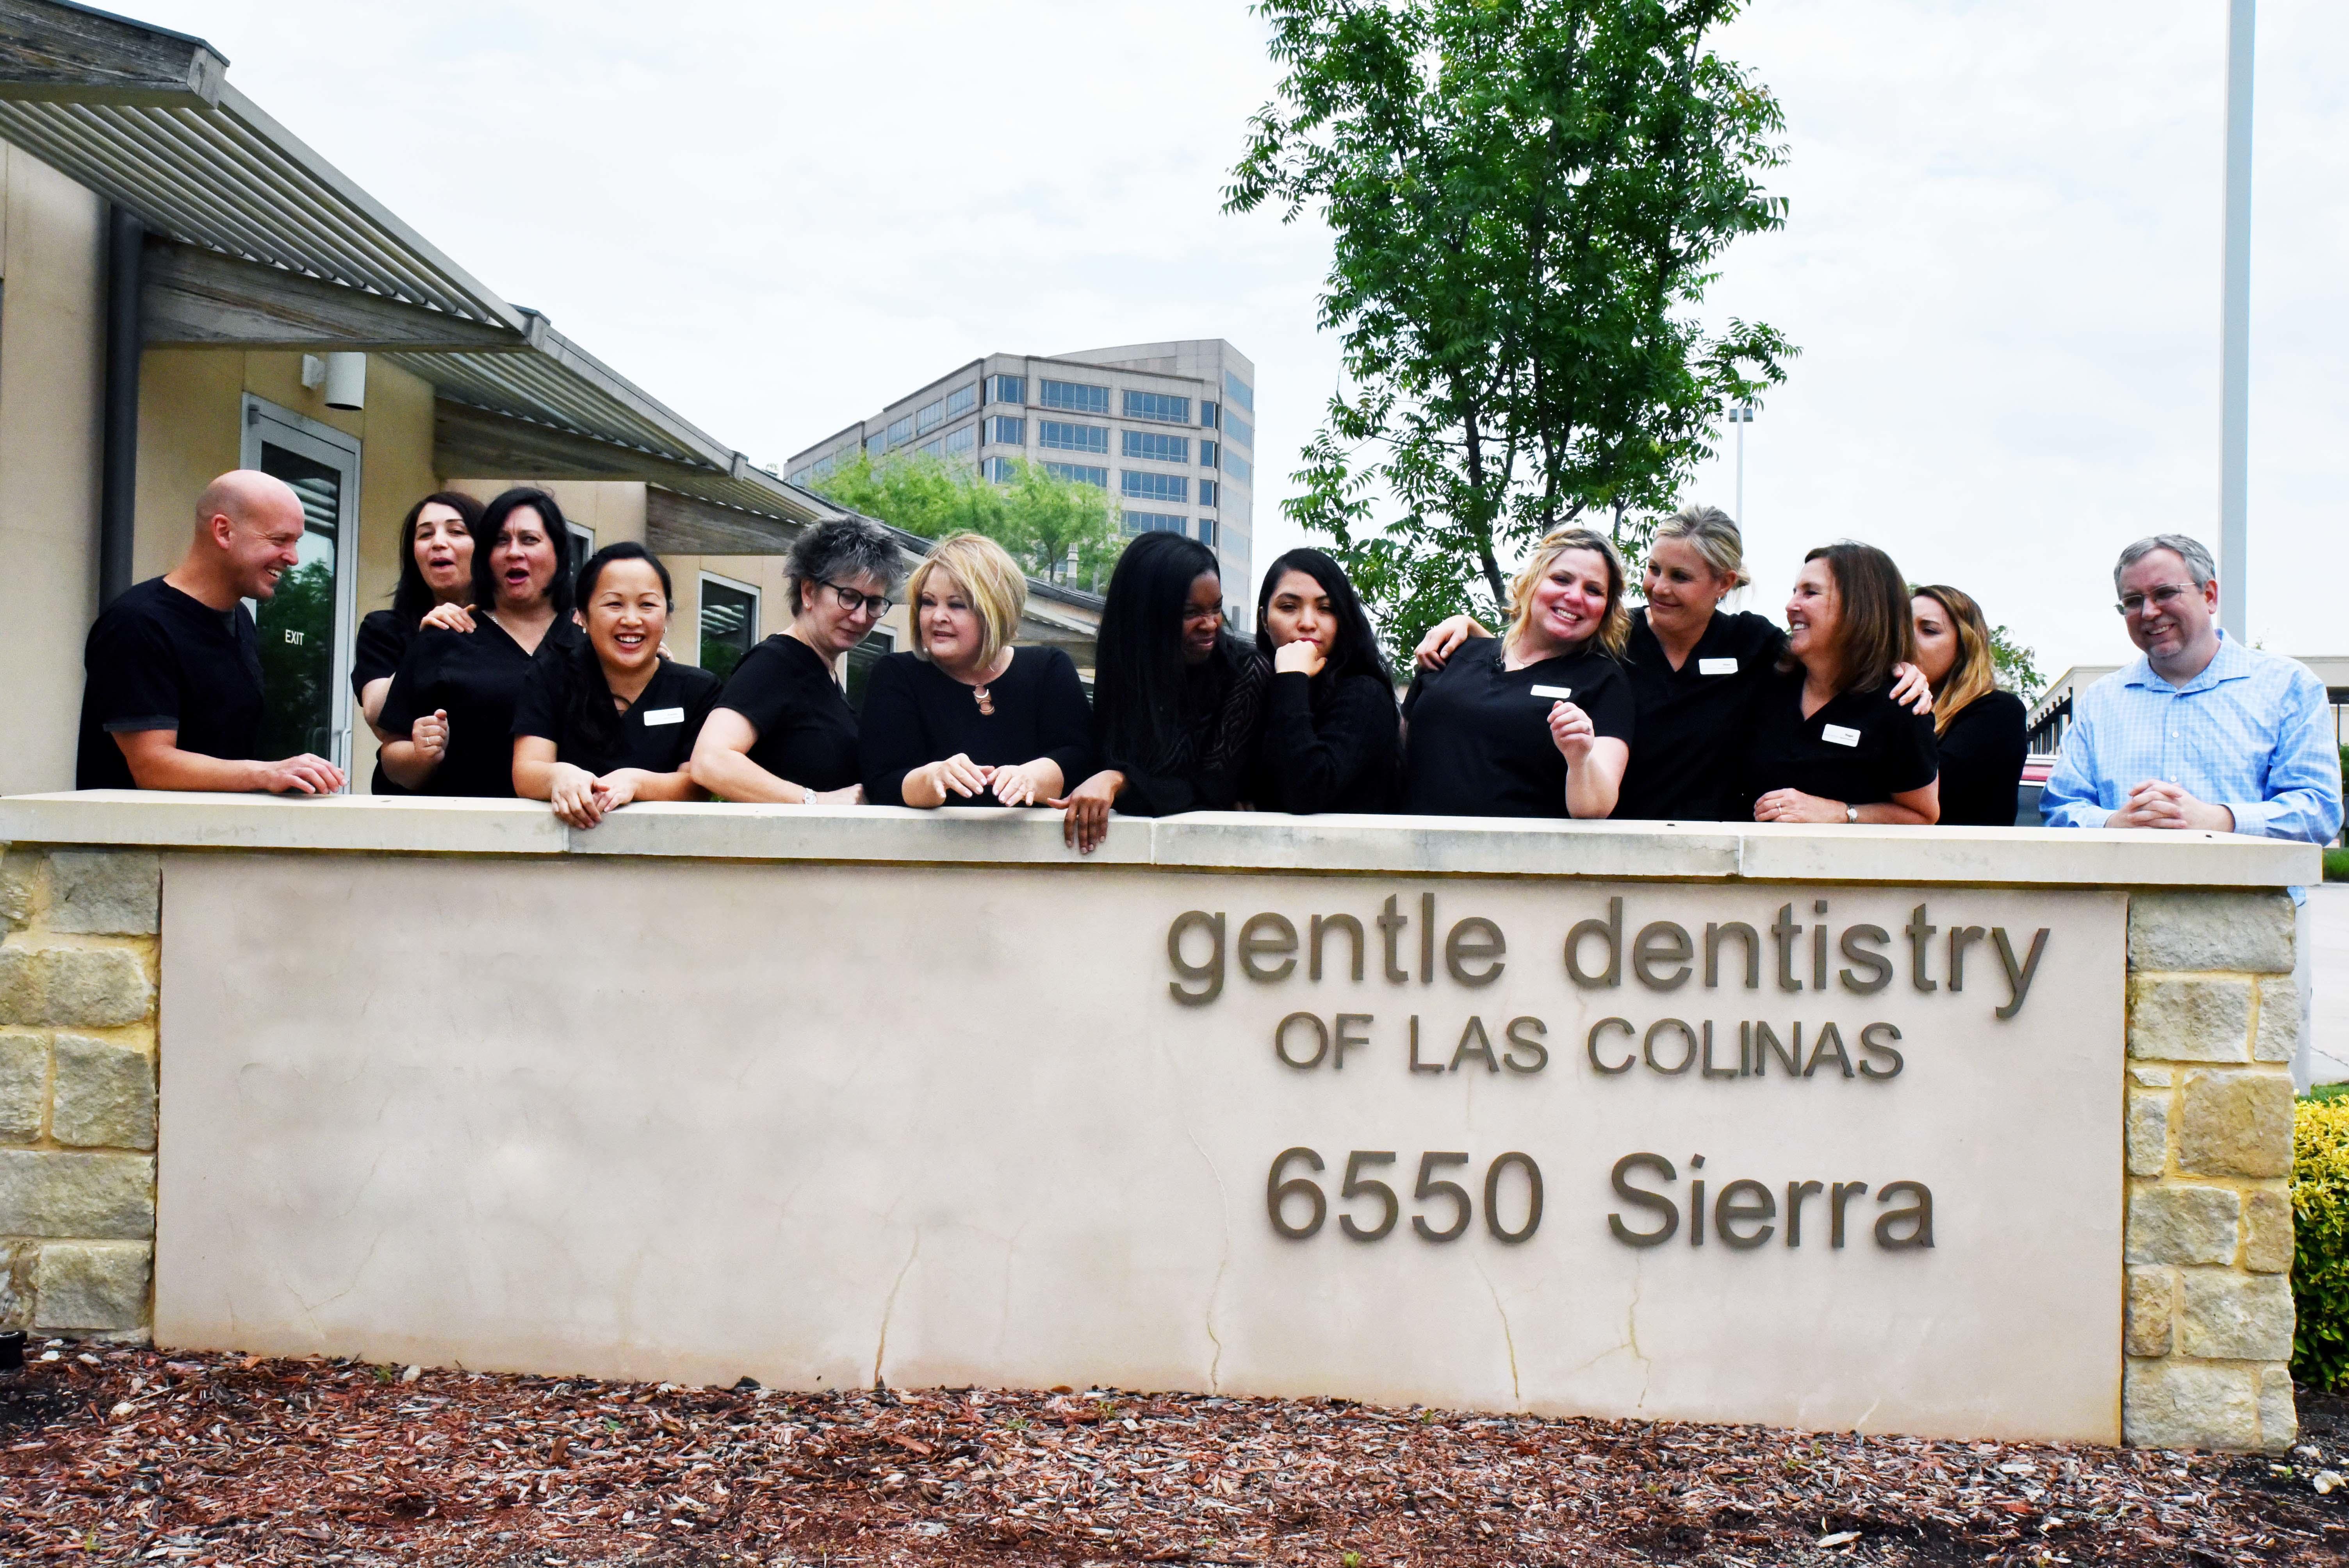 Gentle Dentistry Of Las Colinas image 0